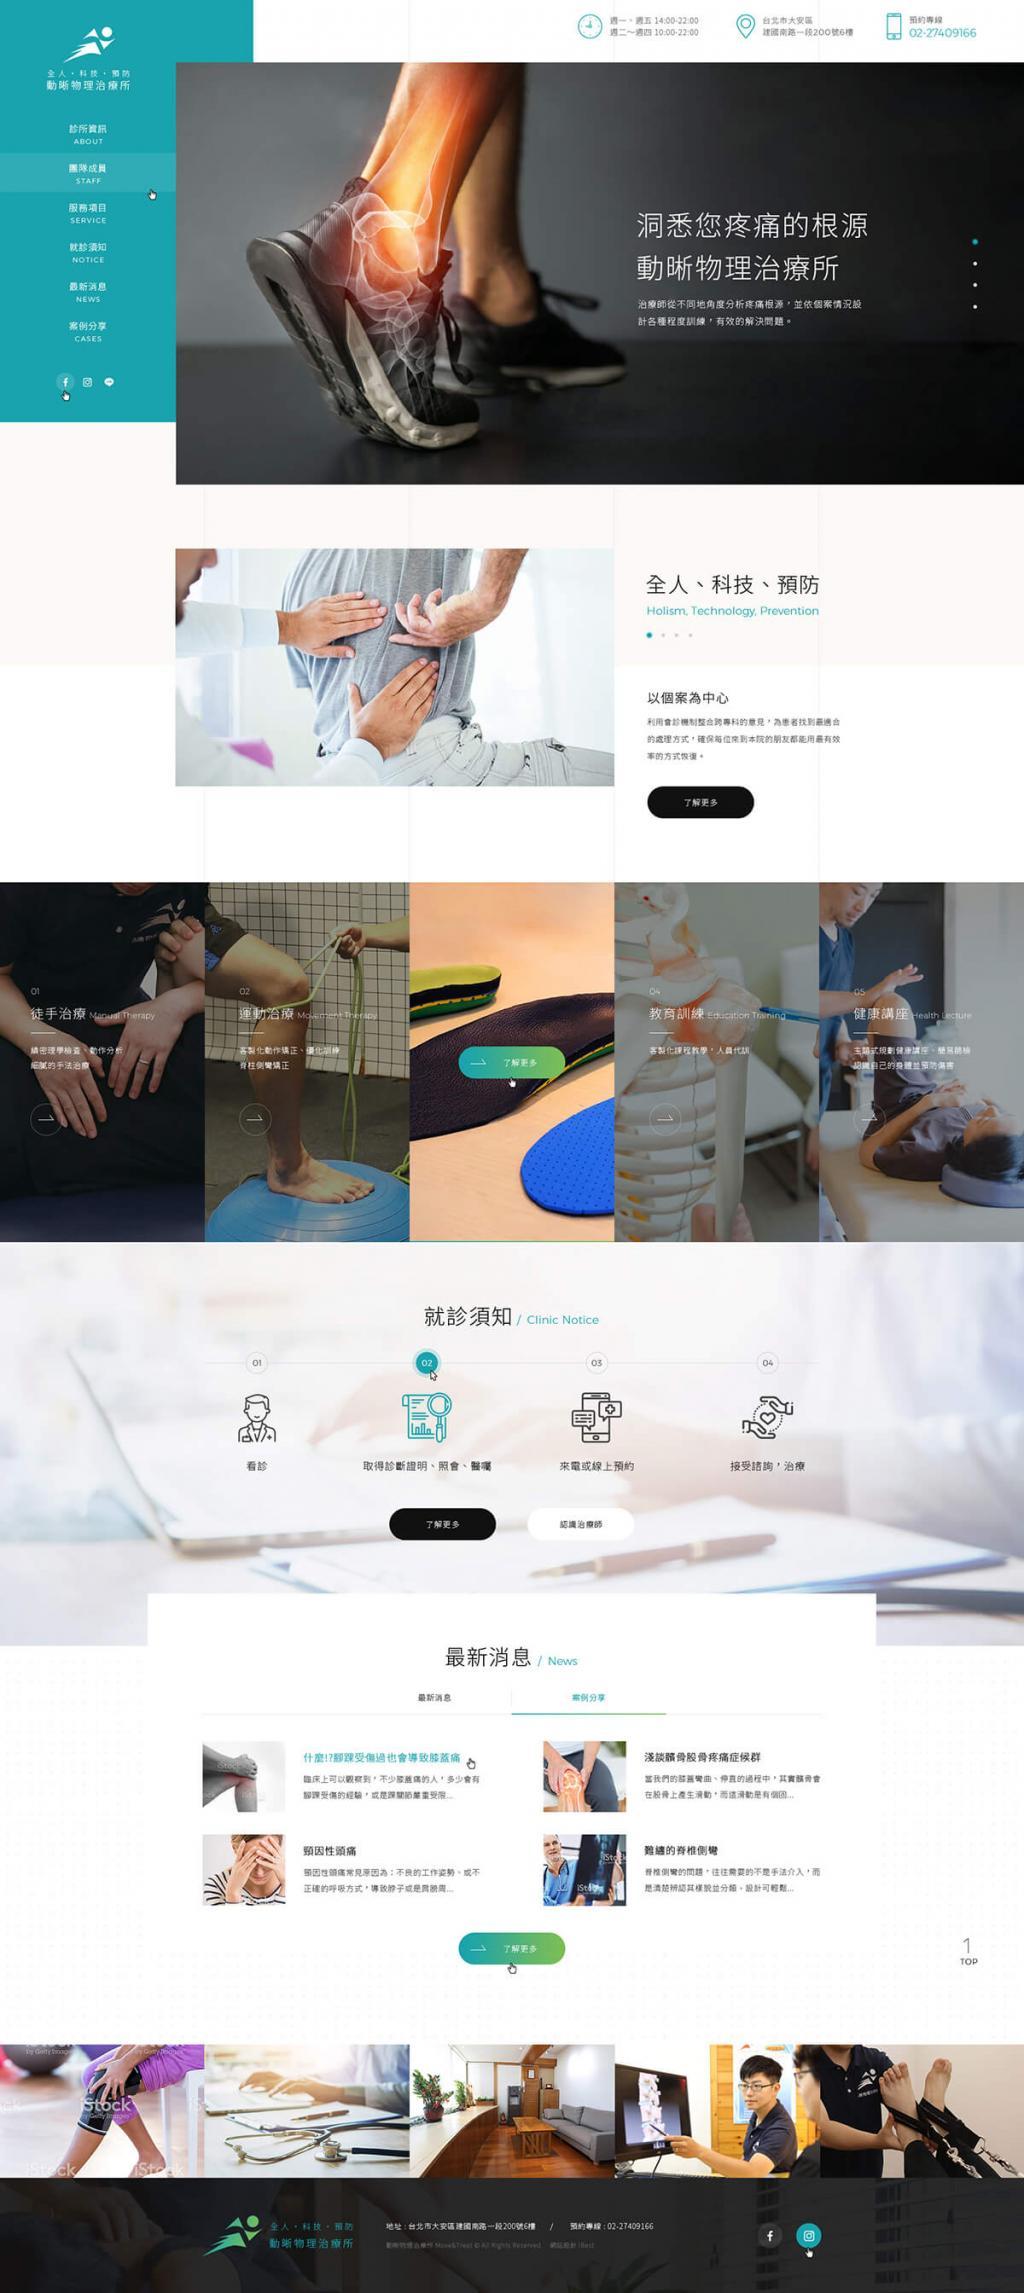 動晰物理治療所-網頁設計